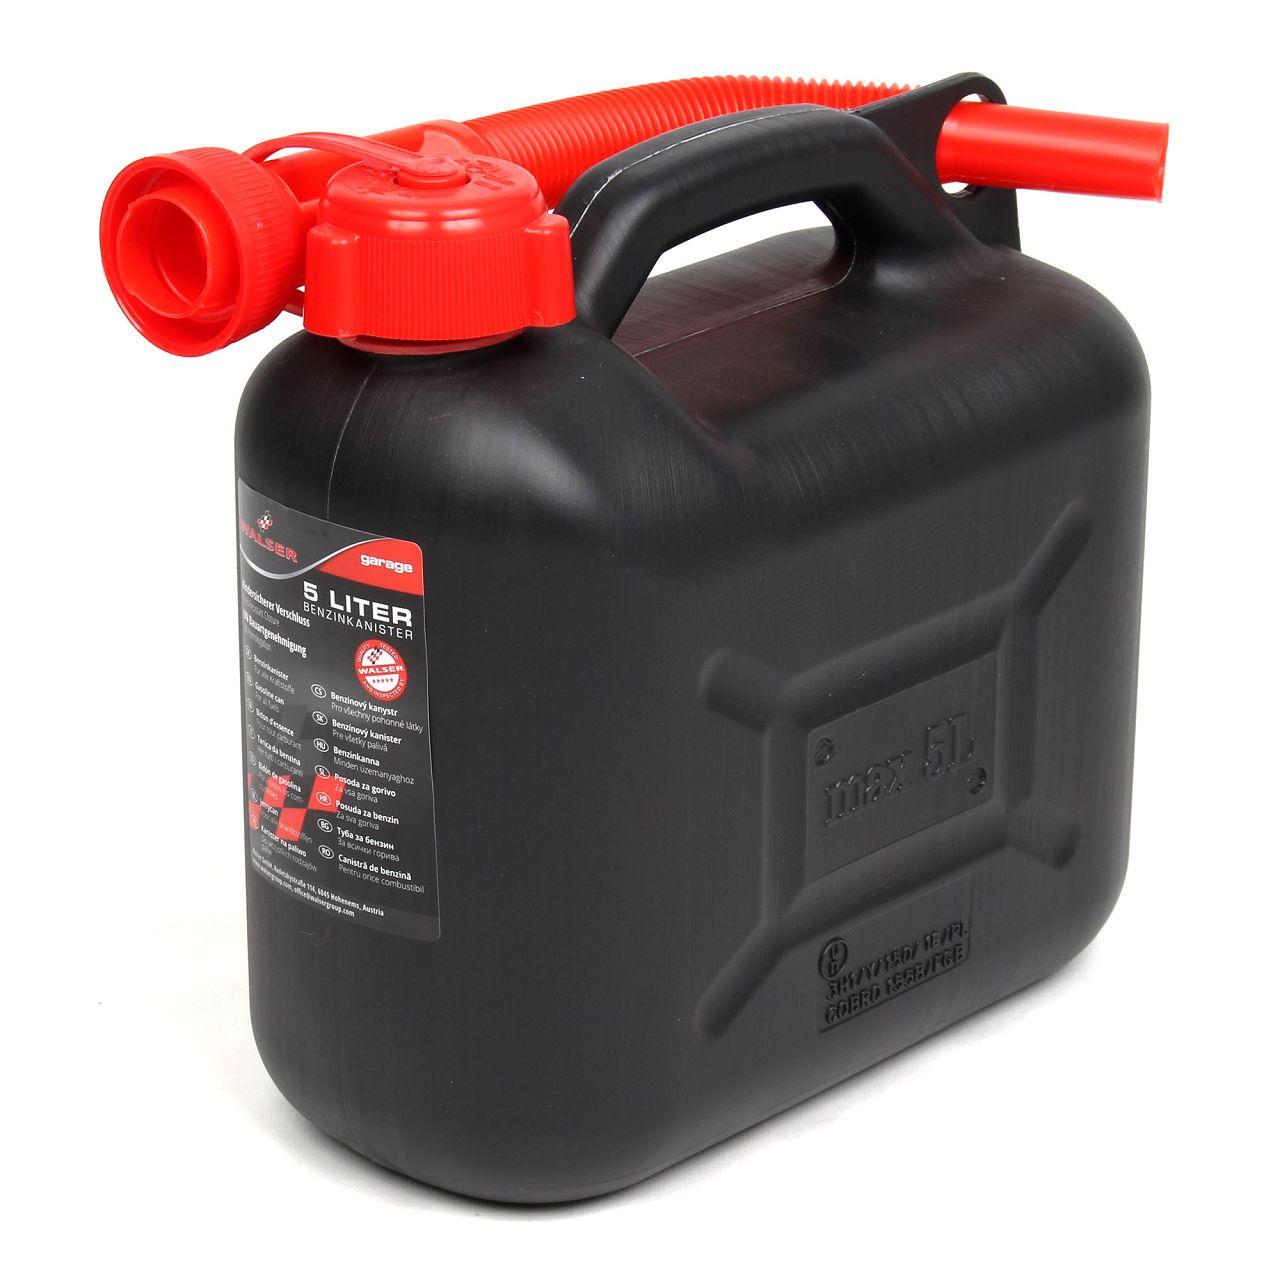 WALSER 16372 Kanister Benzinkanister Reservekanister Kraftstoffkanister 5Liter